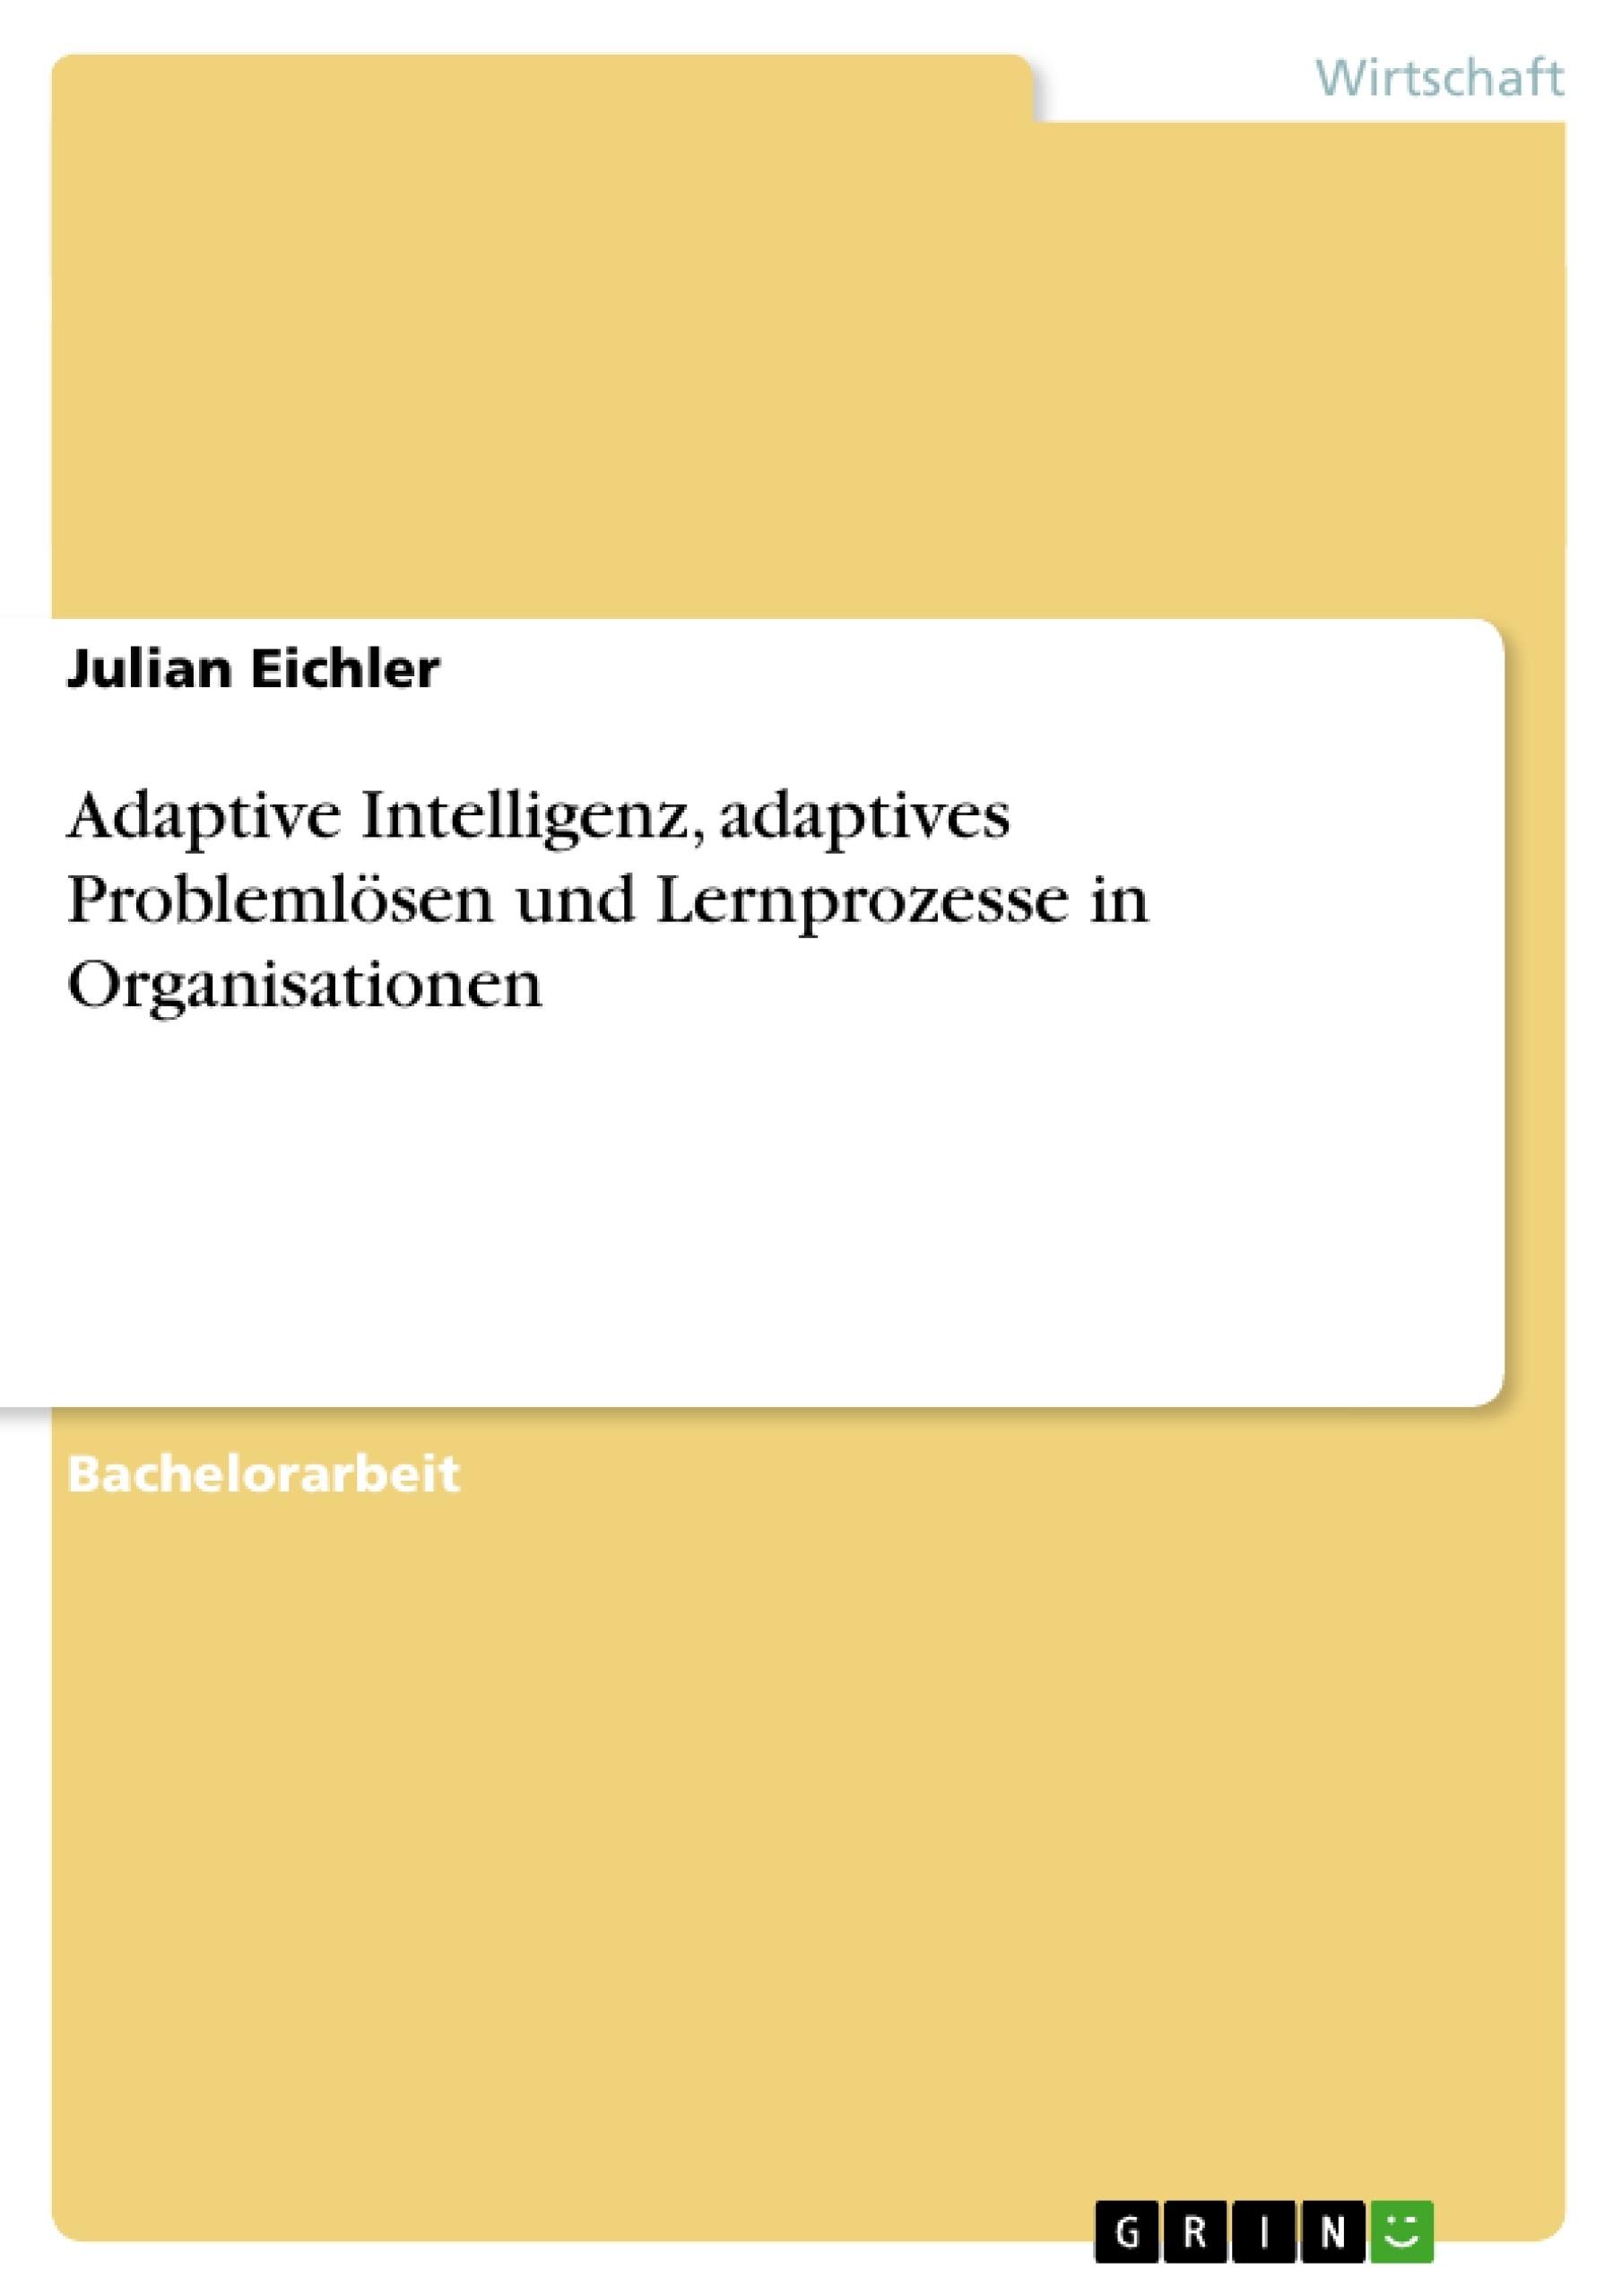 Titel: Adaptive Intelligenz, adaptives Problemlösen und Lernprozesse in Organisationen